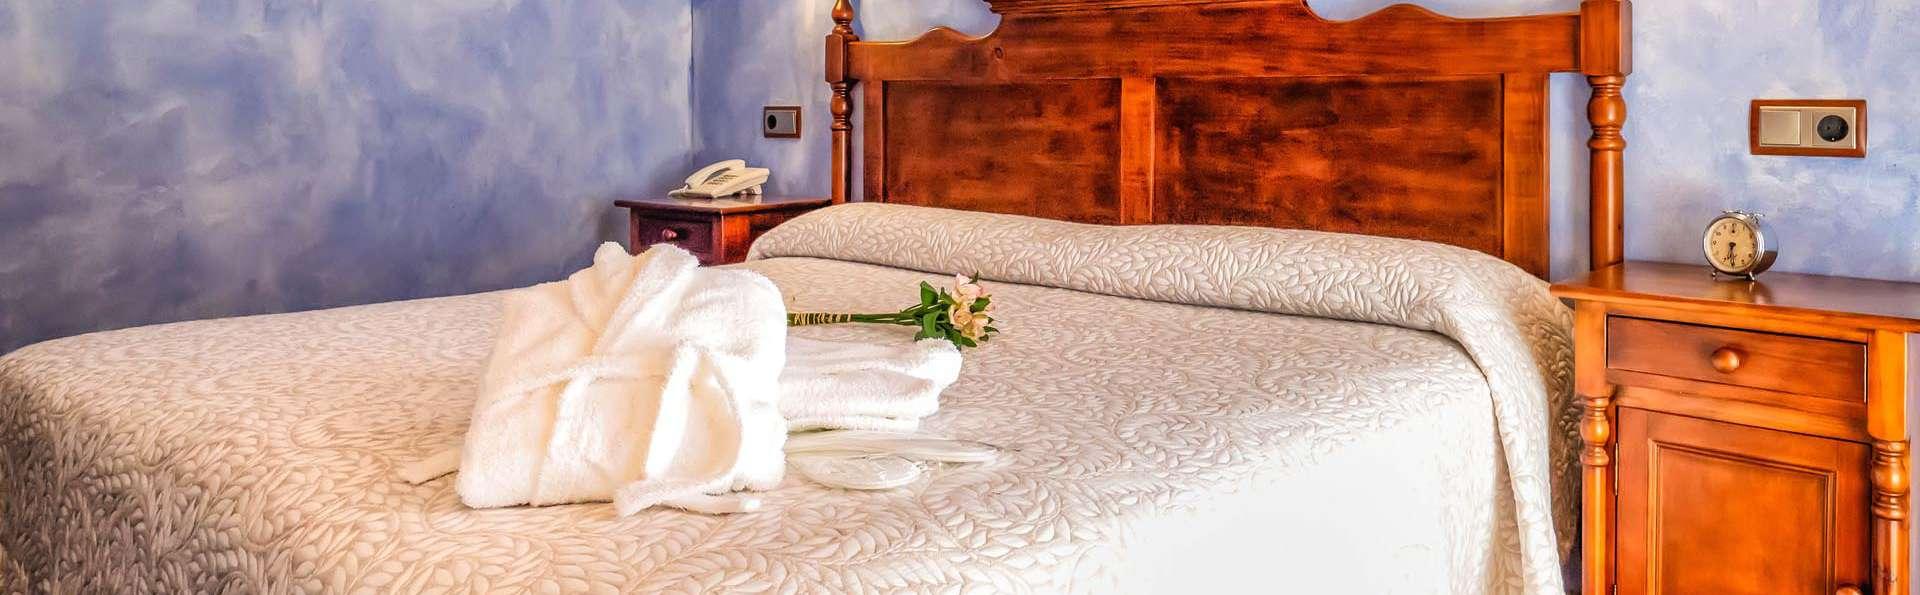 Escapada romántica en un hotel típico Manchego en Daimiel